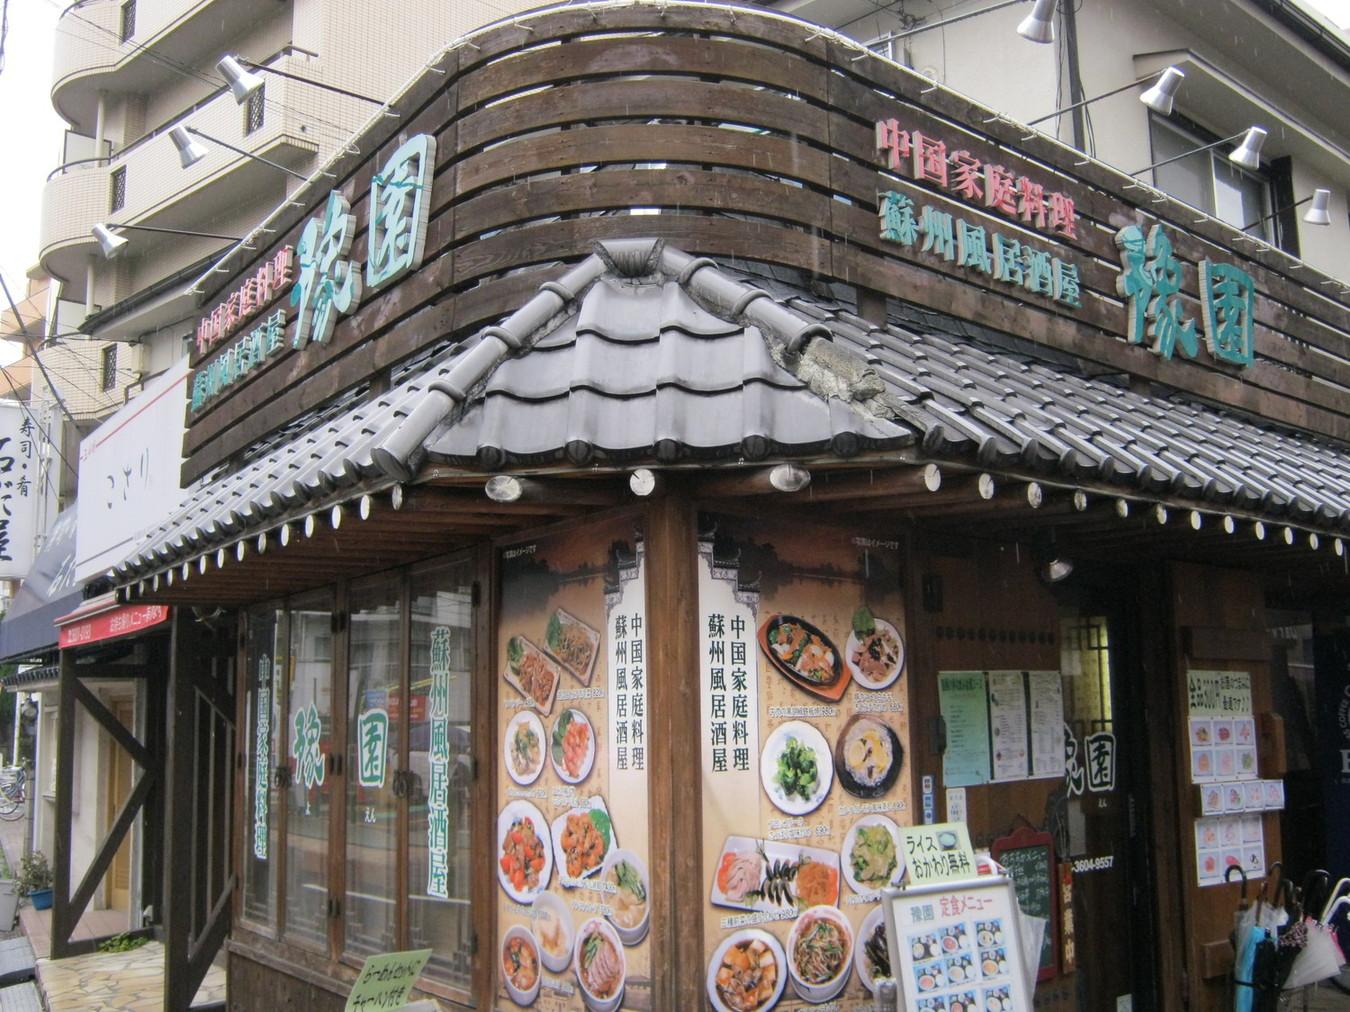 蘇州風居酒屋 豫園 綾瀬店